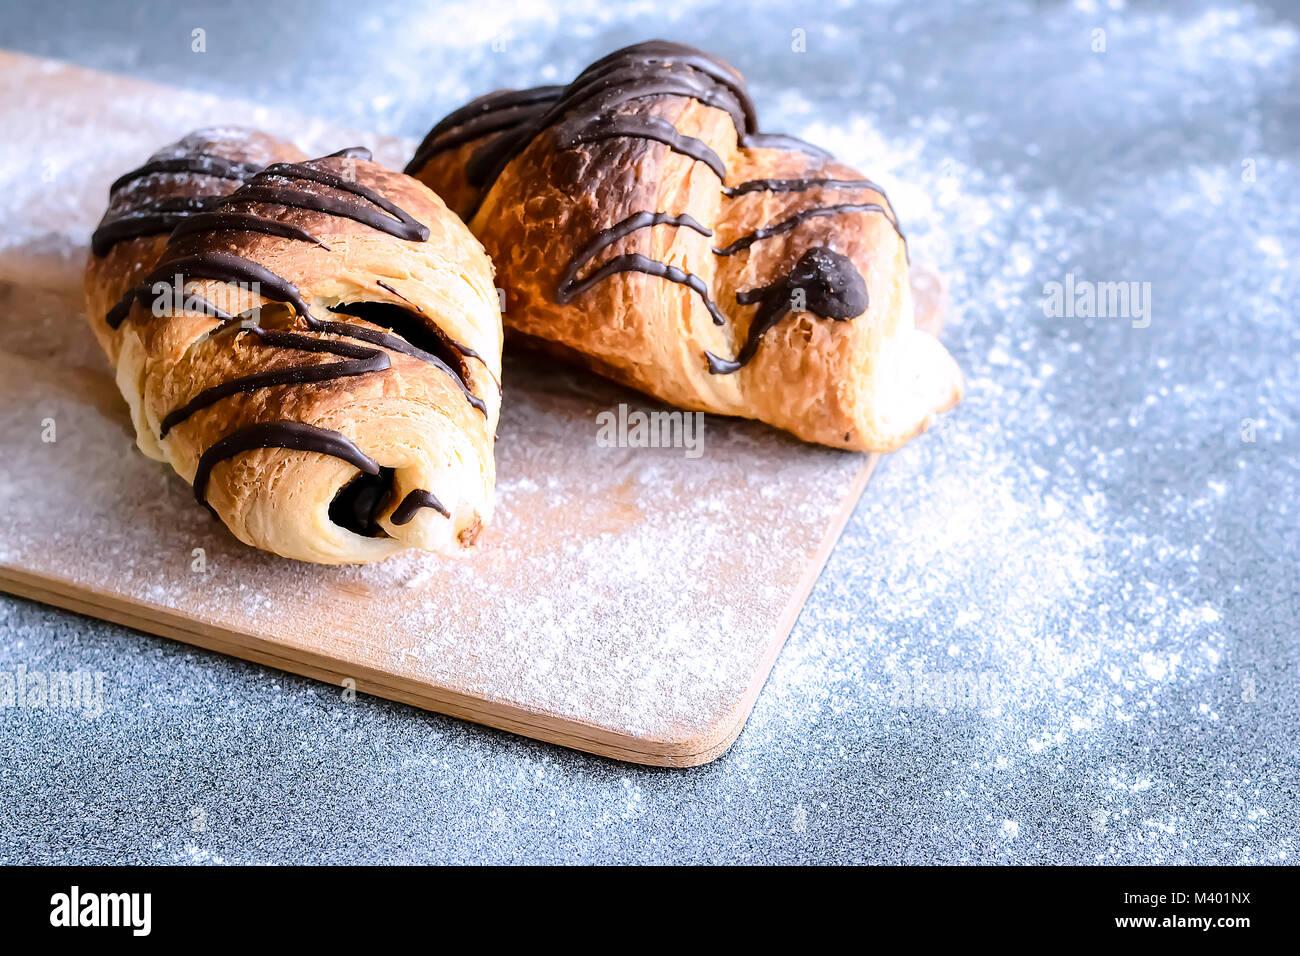 Des croissants frais avec du chocolat sur la table. Bain délicieux Photo Stock